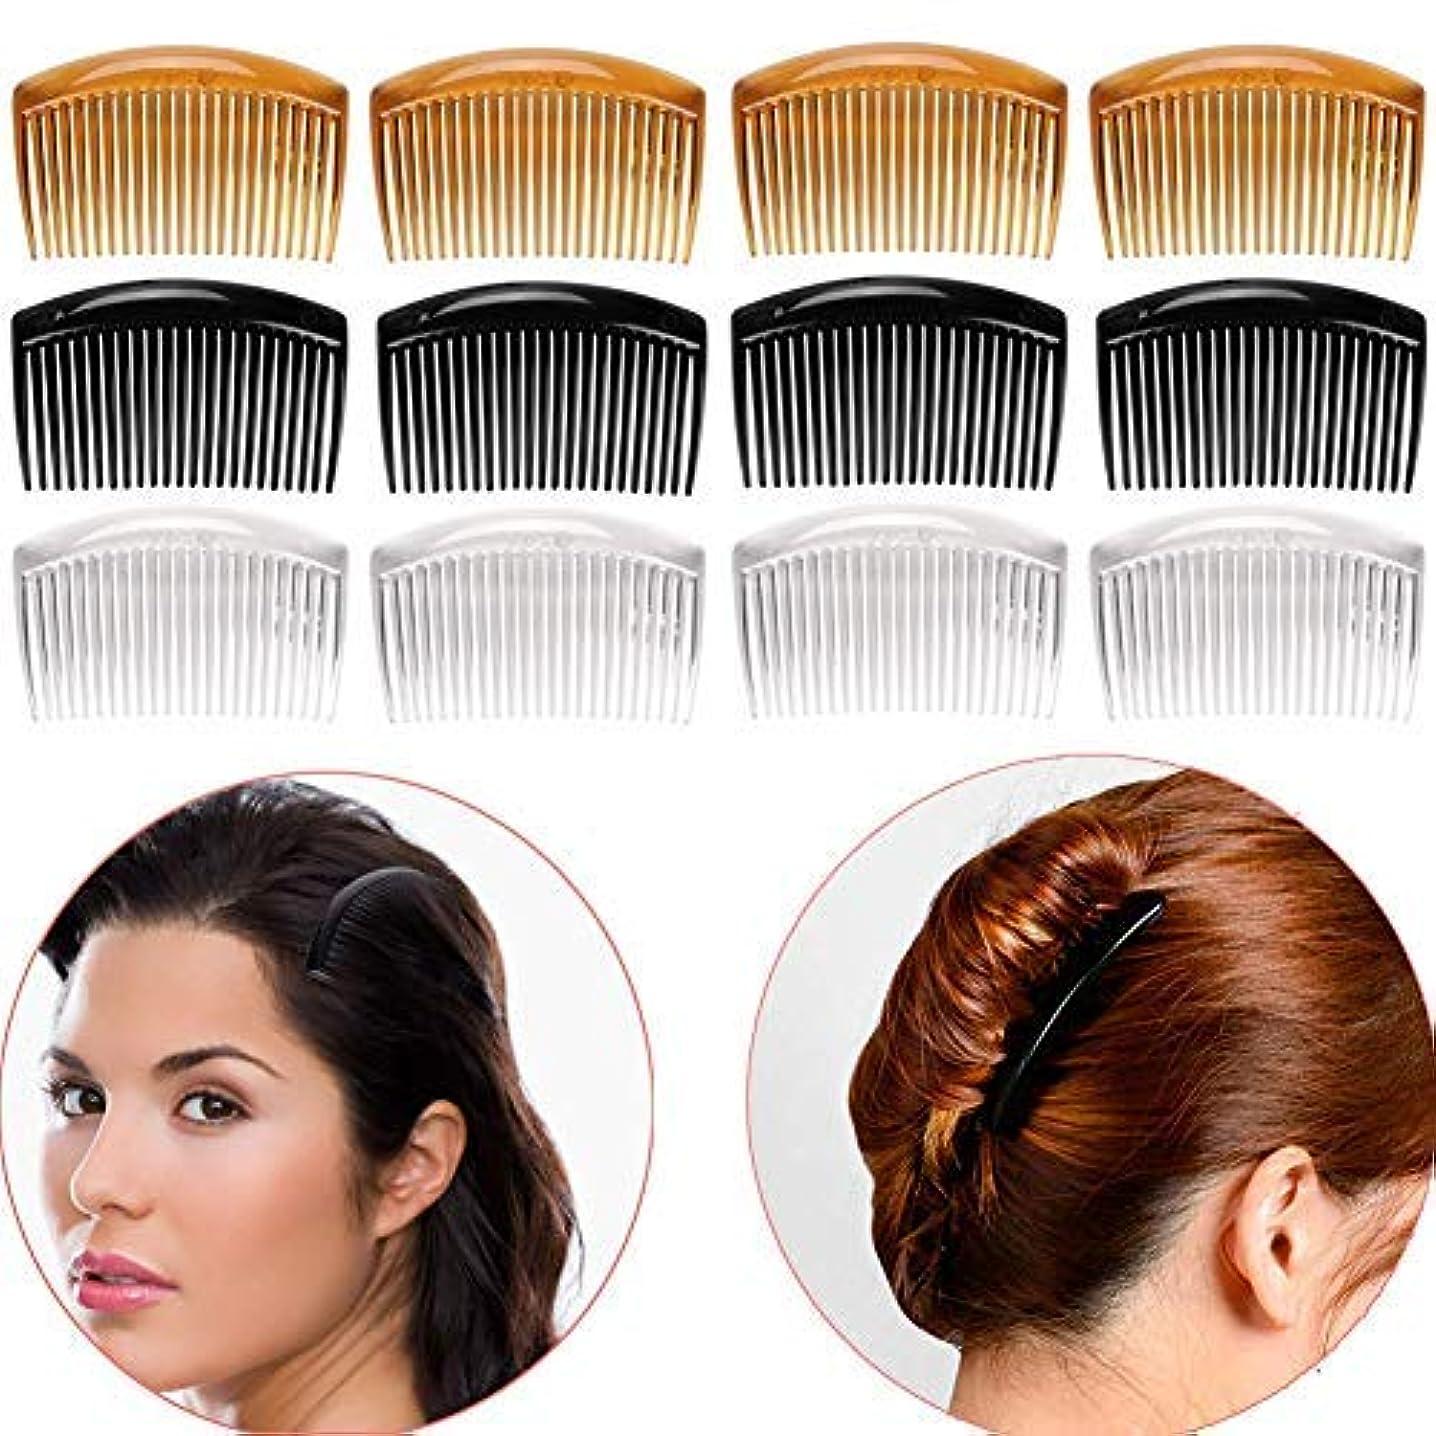 愚かな悩み代わりのLuckycivia 12Pcs French Twist Comb, Plastic Side Hair Combs with 23 Teeth, Strong Hold No Slip Grip and Durable...